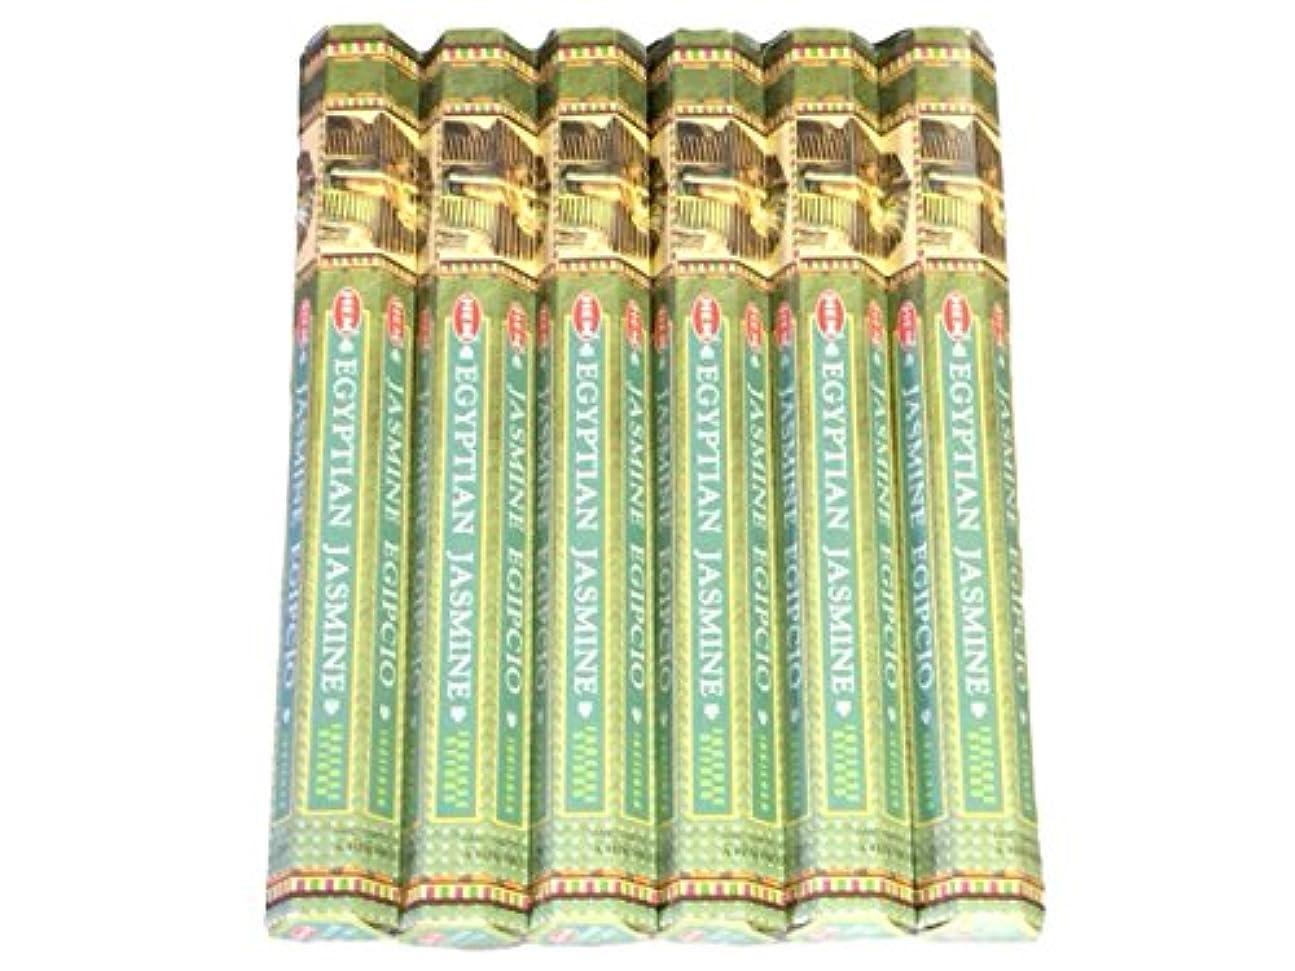 センサー教え味わうHEM ヘム エジプシャンジャスミン EGYPTIAN JASMINE ステック お香 6箱 …